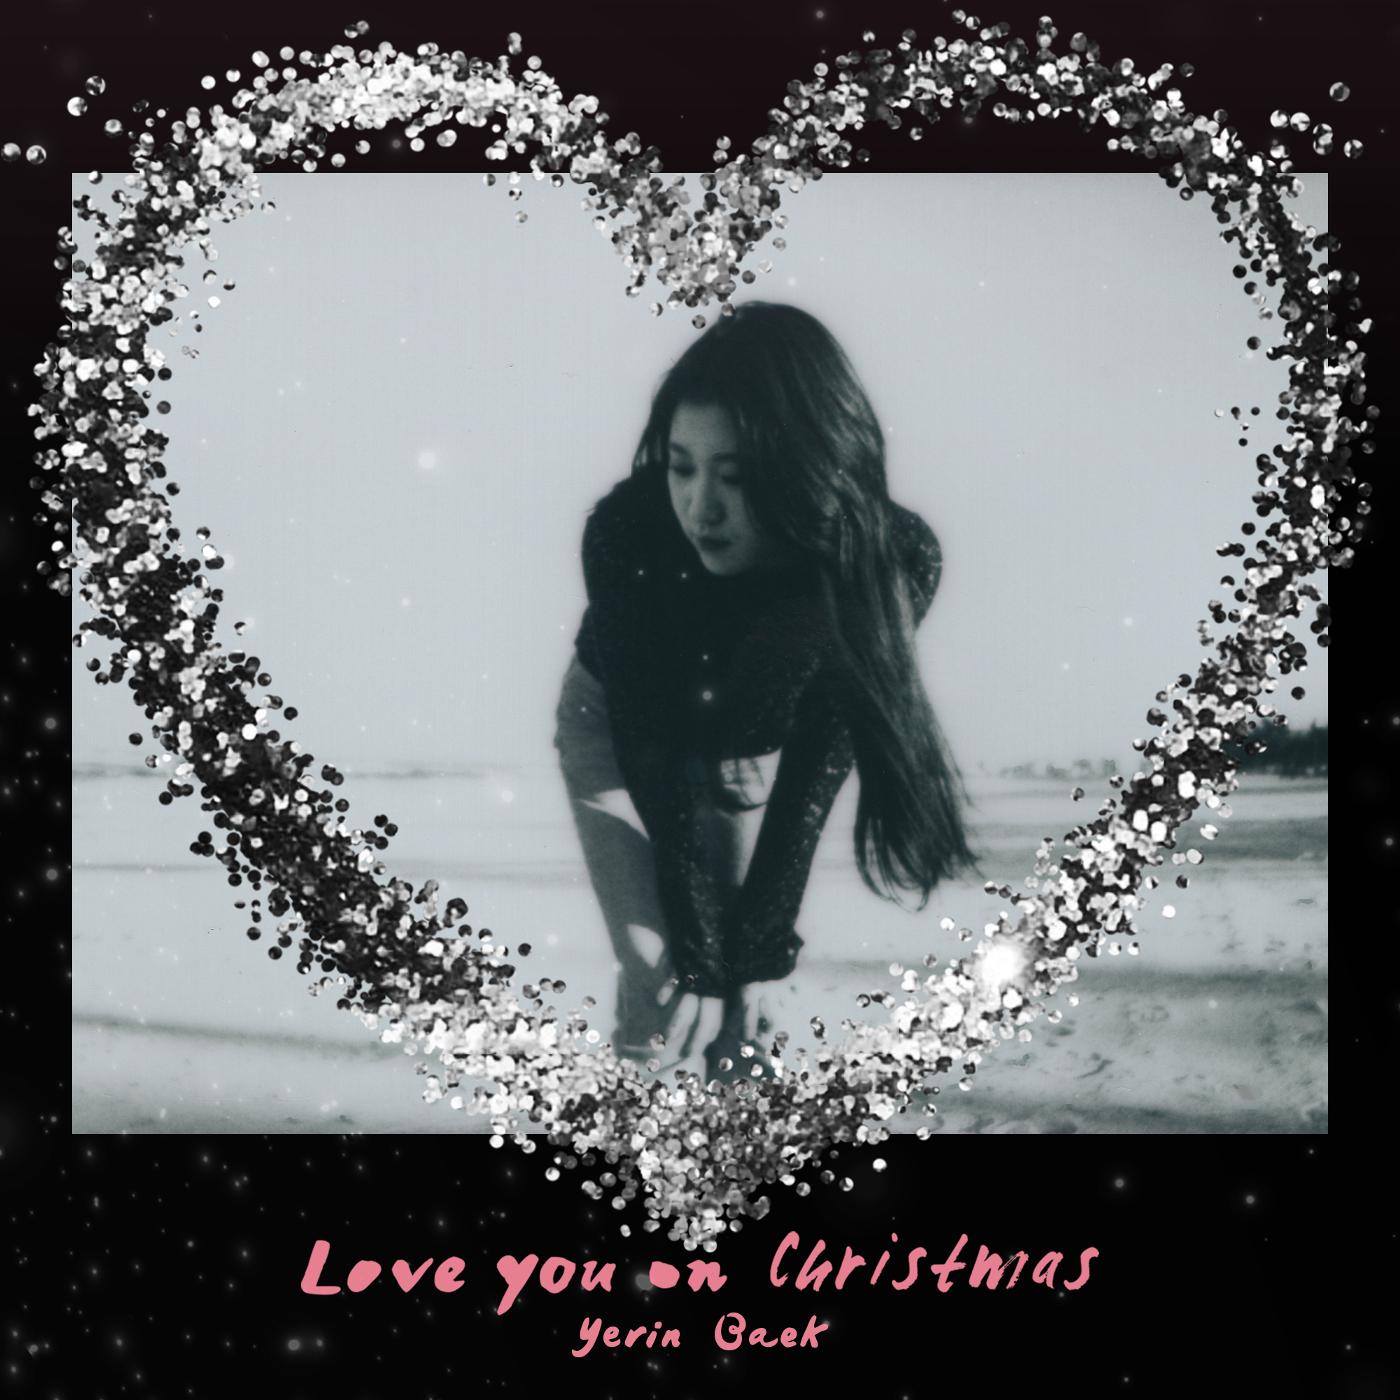 Love You On Christmas